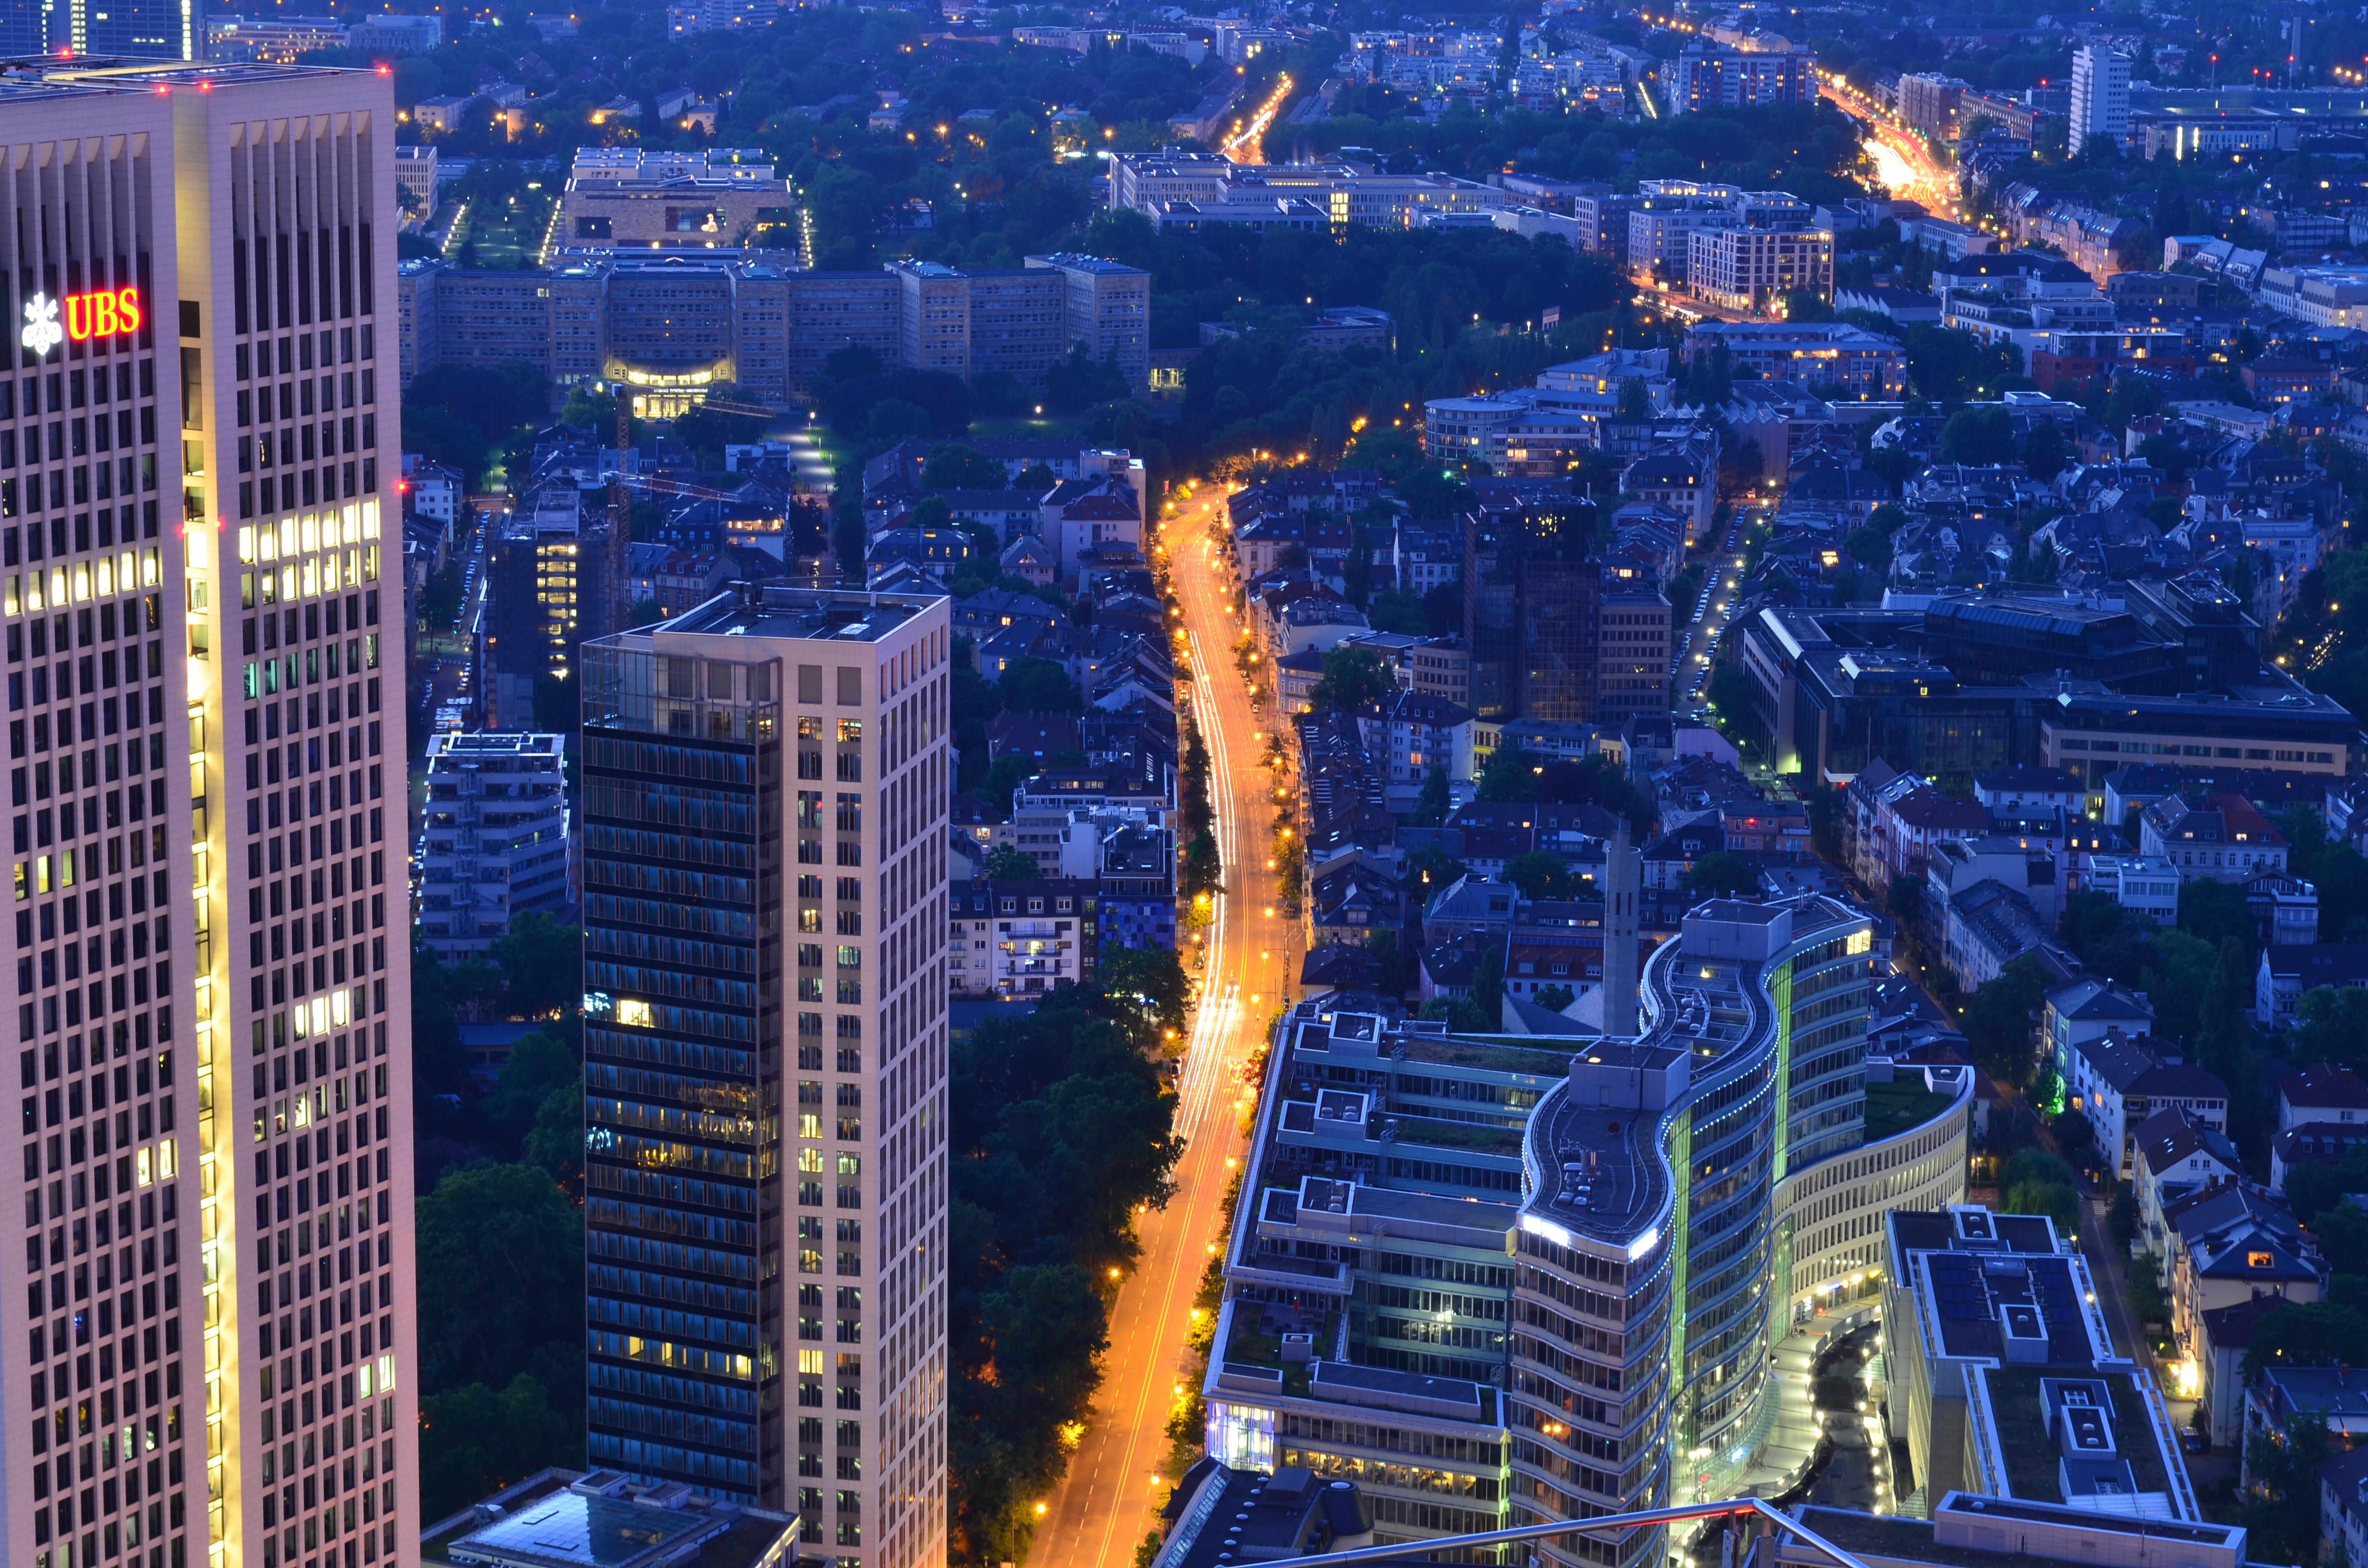 101874 Hintergrundbild 240x400 kostenlos auf deinem Handy, lade Bilder Städte, Wolkenkratzer, Blick Von Oben, Nächtliche Stadt, Night City, Lichter Der Stadt, City Lights, Frankfurt 240x400 auf dein Handy herunter